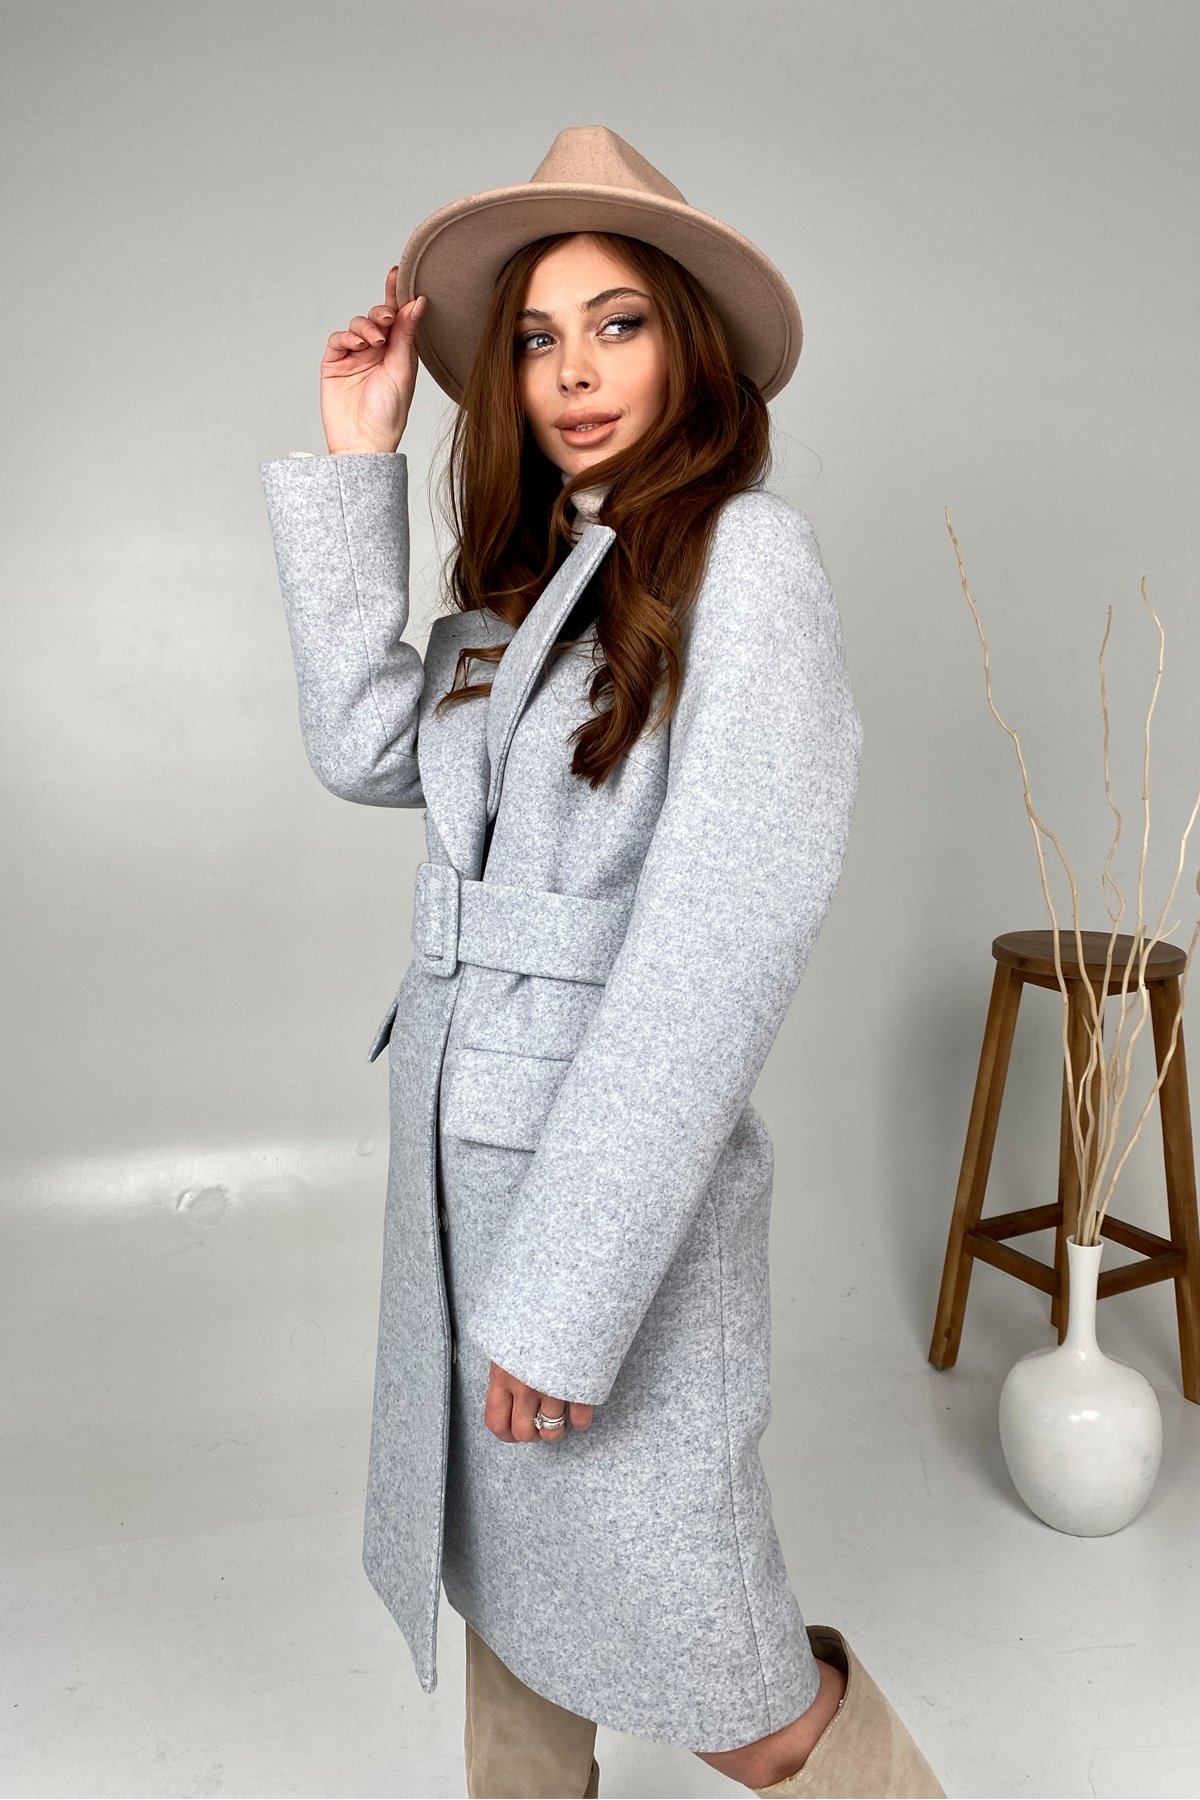 Зимнее пальто с отложным воротником Моле 8085 АРТ. 44035 Цвет: Серый Светлый 33 - фото 3, интернет магазин tm-modus.ru